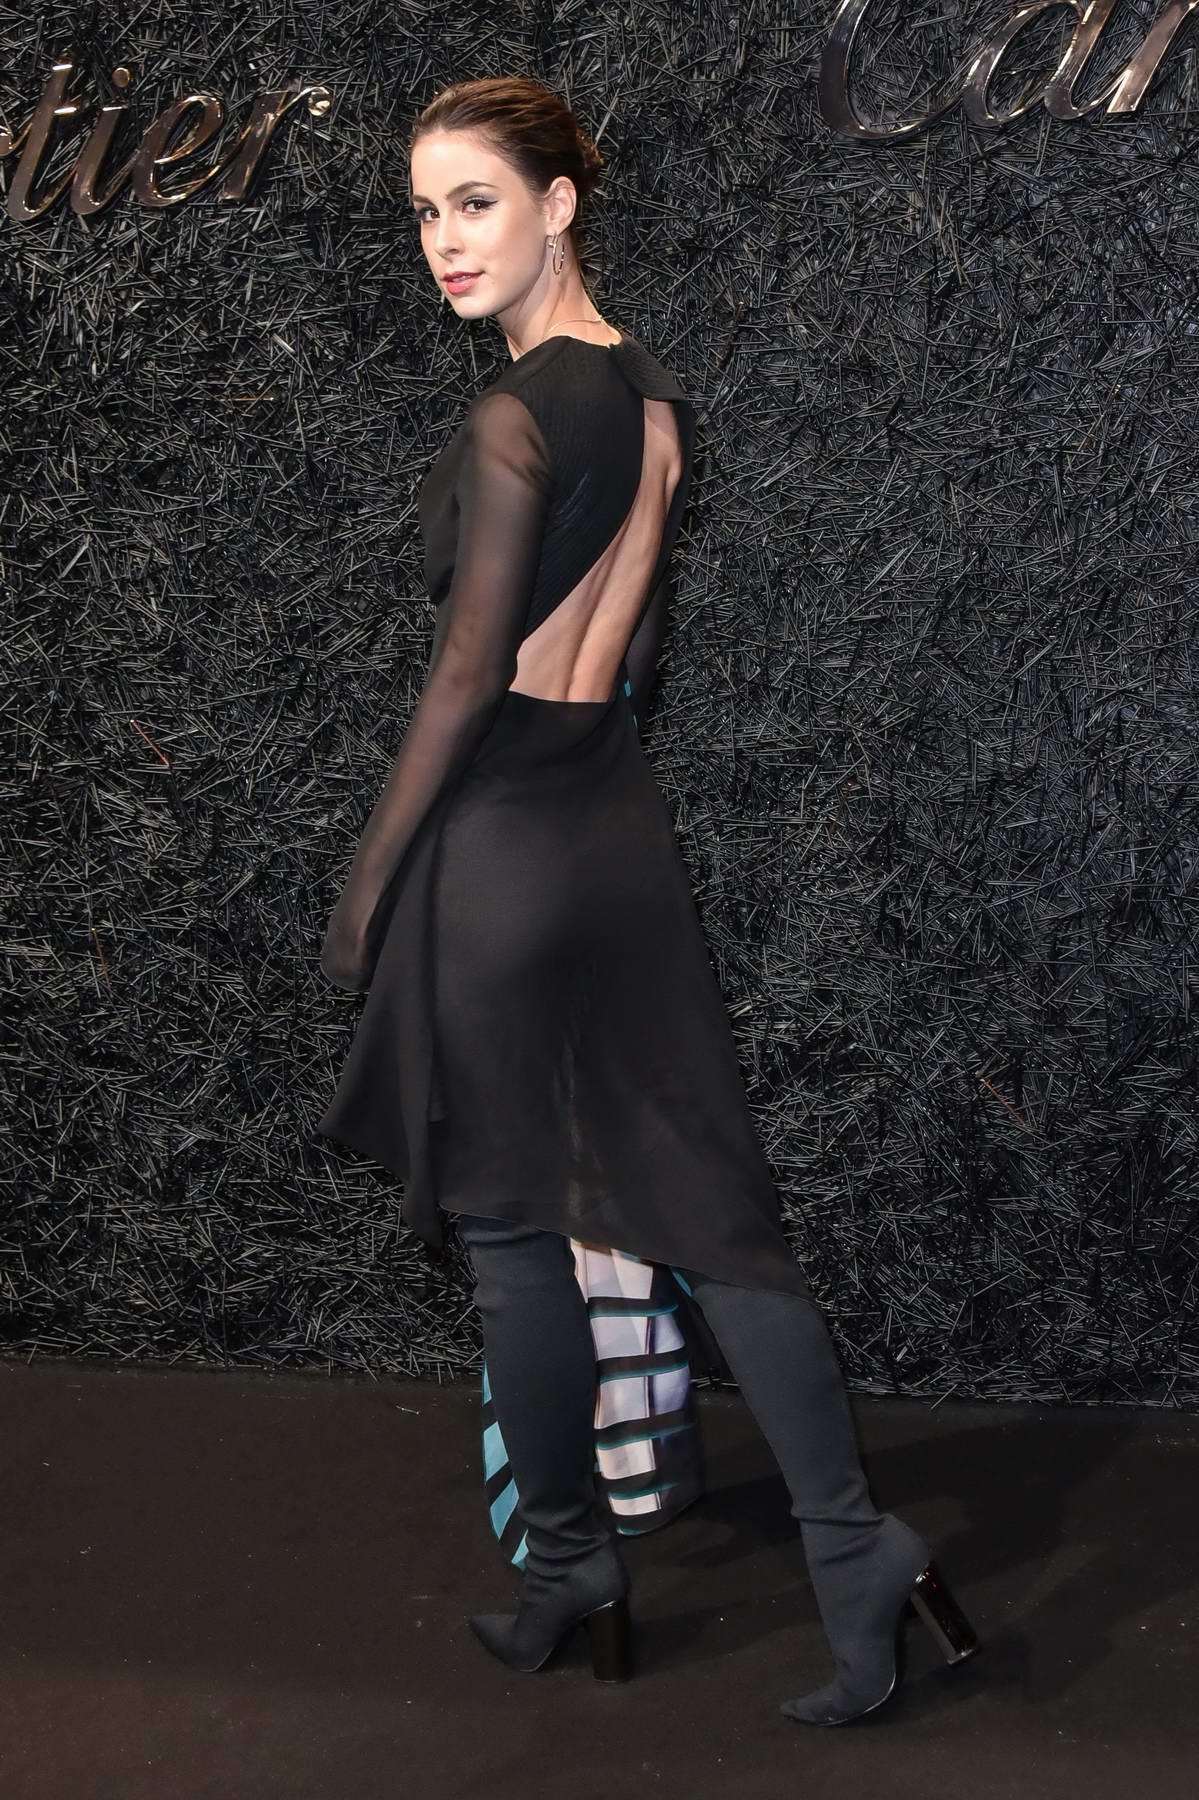 Landrut leggings lena Lena Meyer